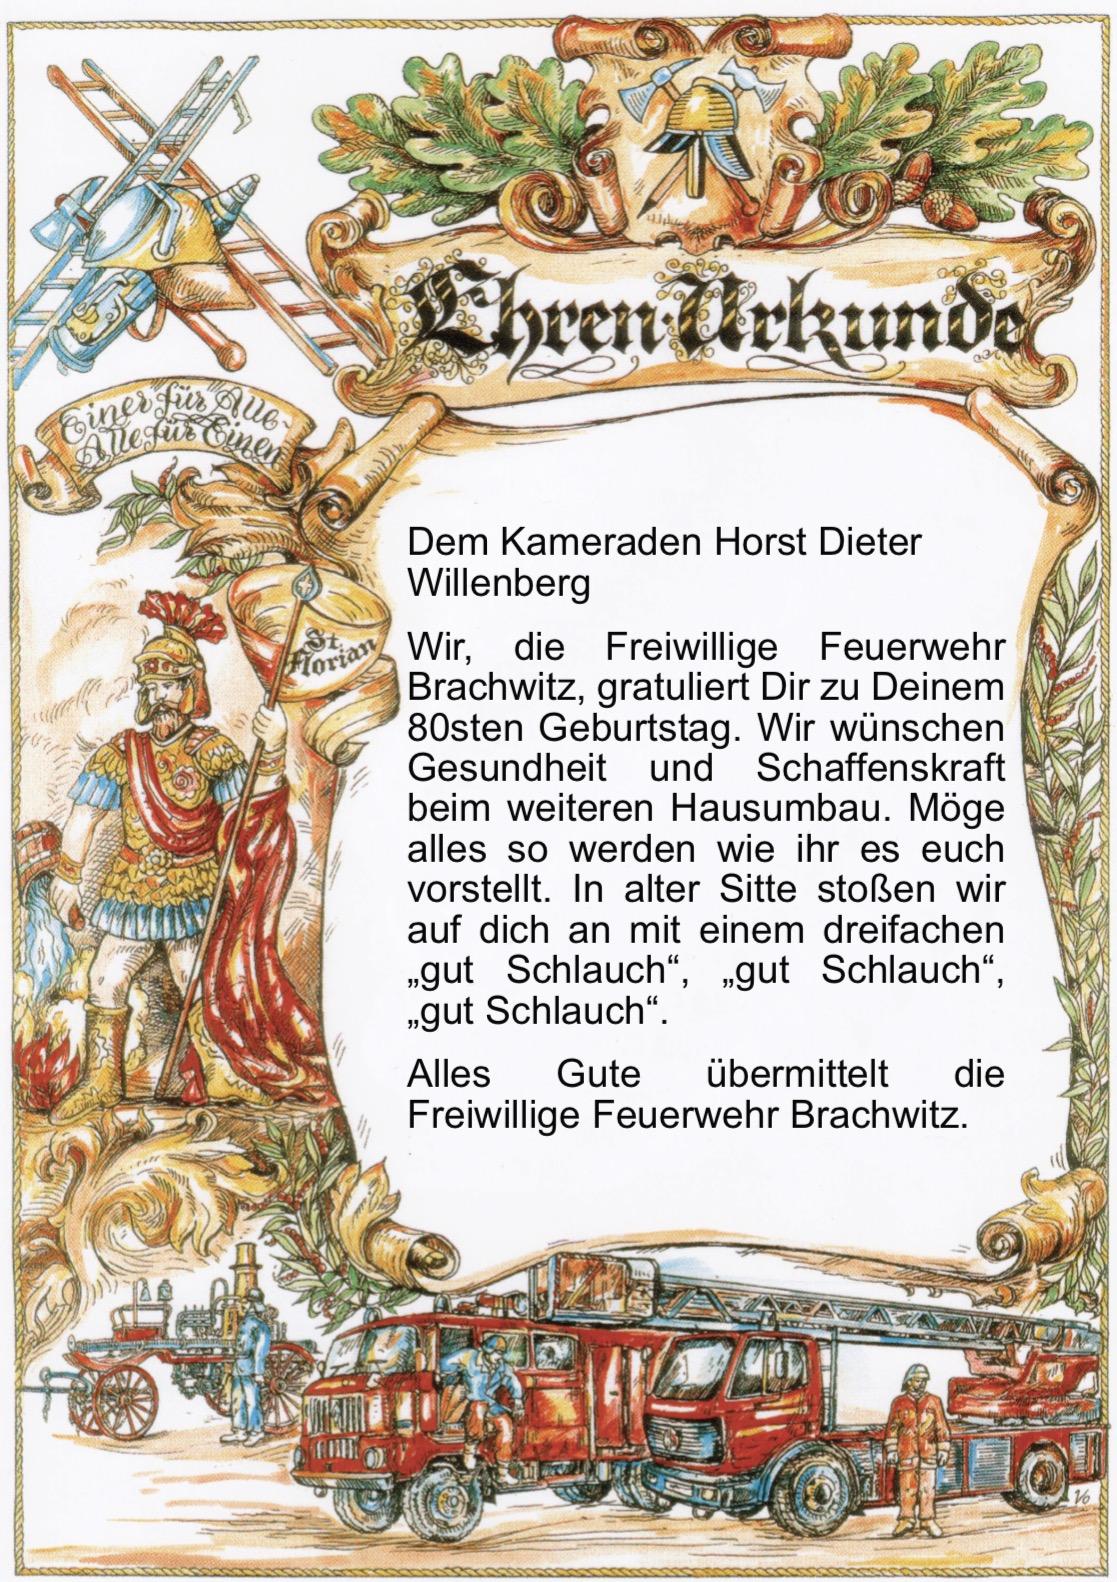 Horst Dieter Willenberg